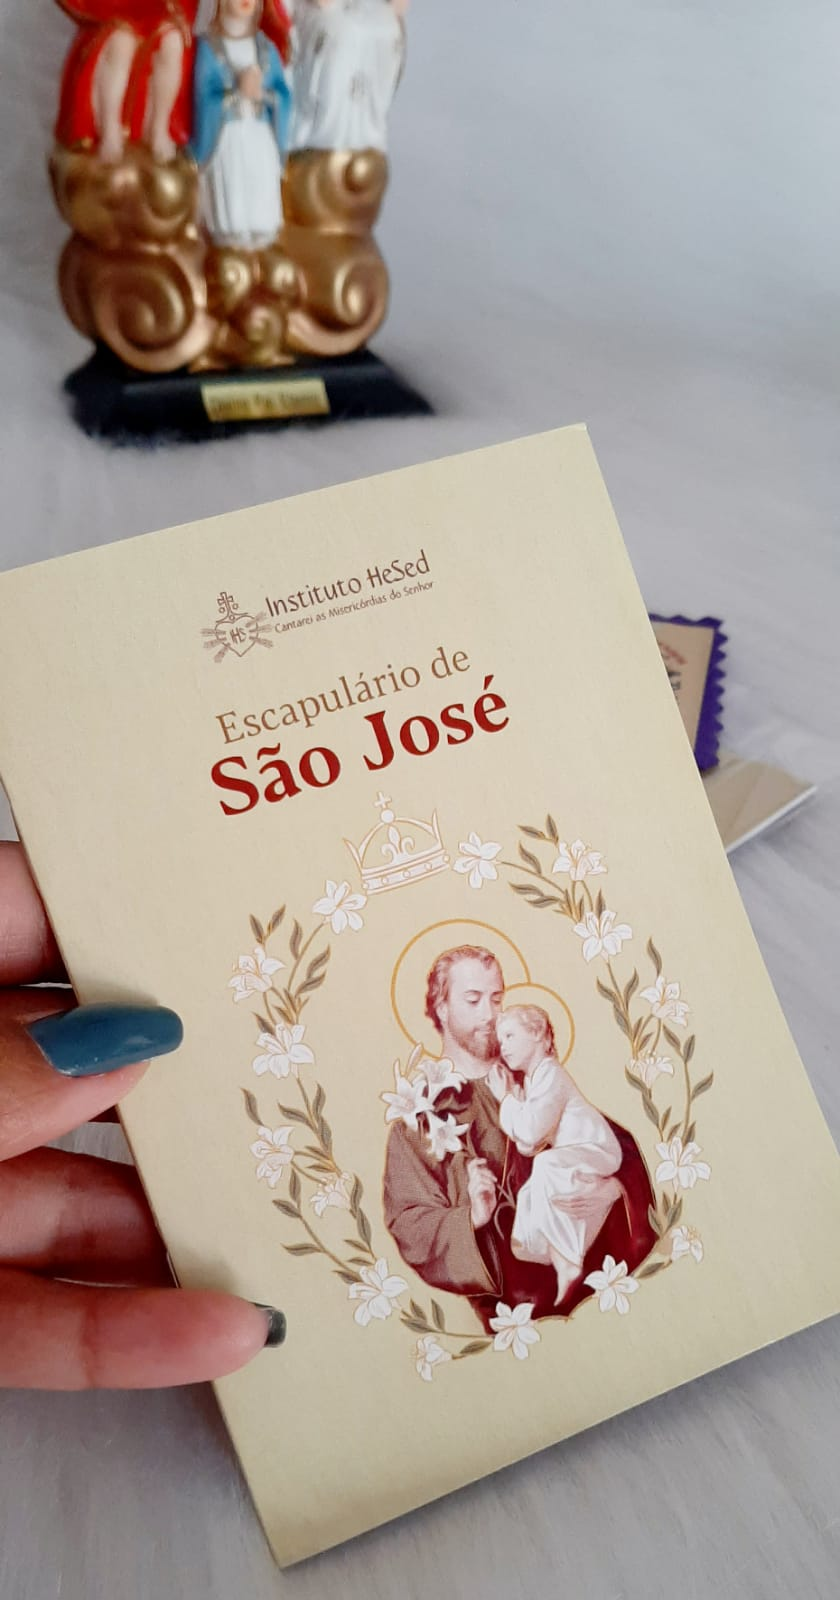 ESCAPULÁRIO DE SÃO JOSÉ